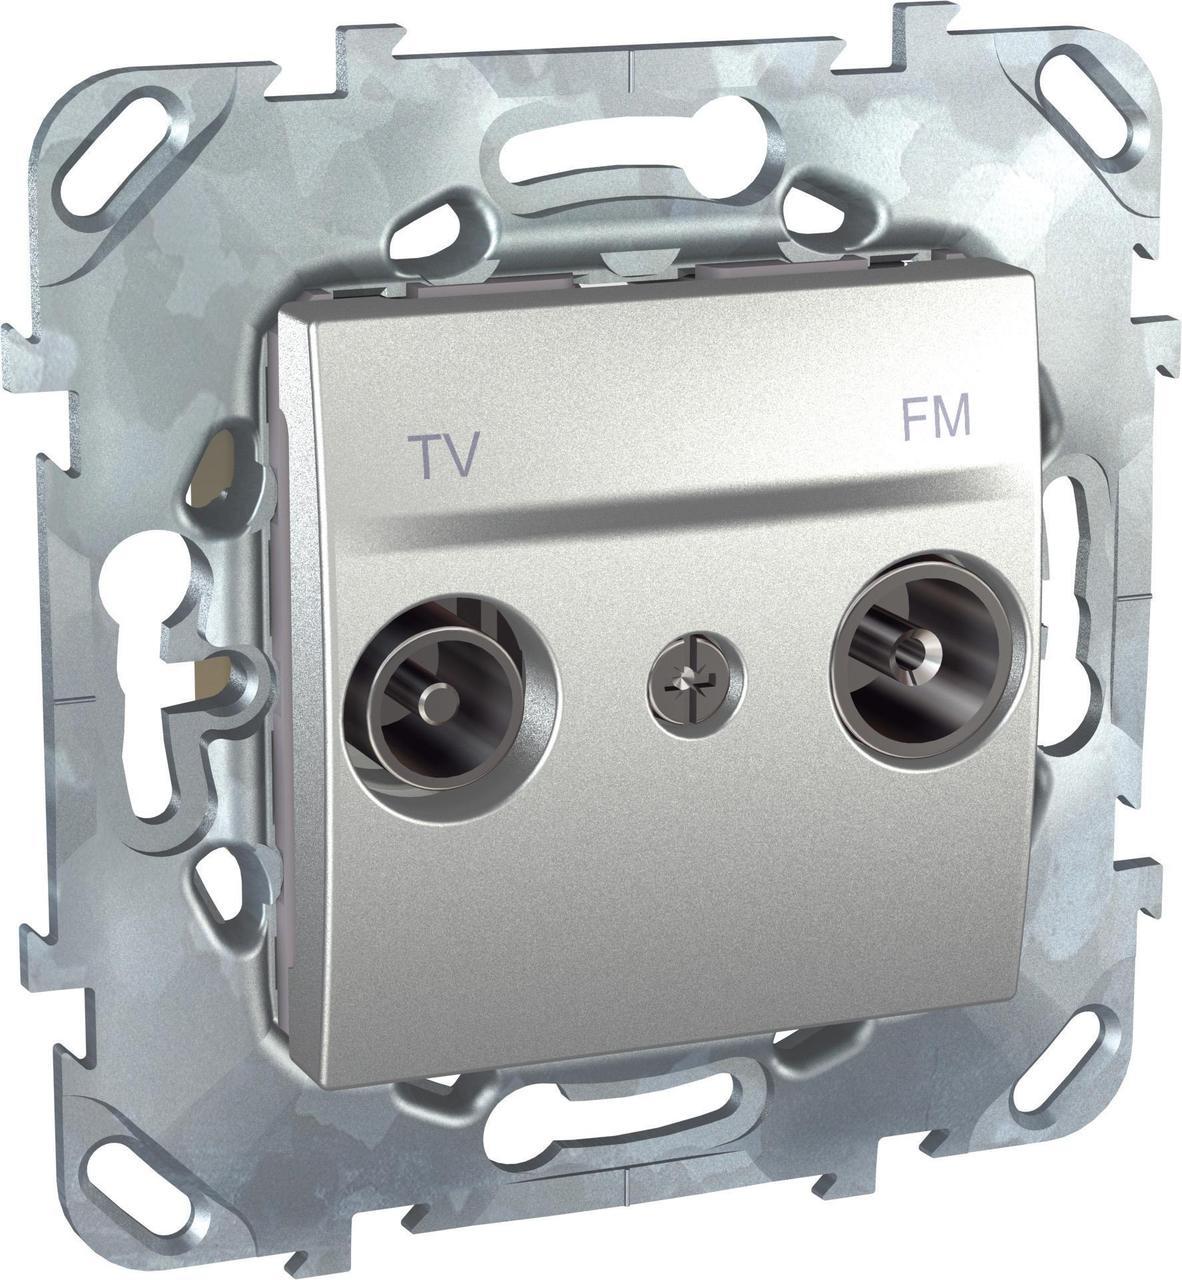 Розетка телевизионная оконечная ТV-FМ , Алюминий, серия UNICA TOP/CLASS, Schneider Electric